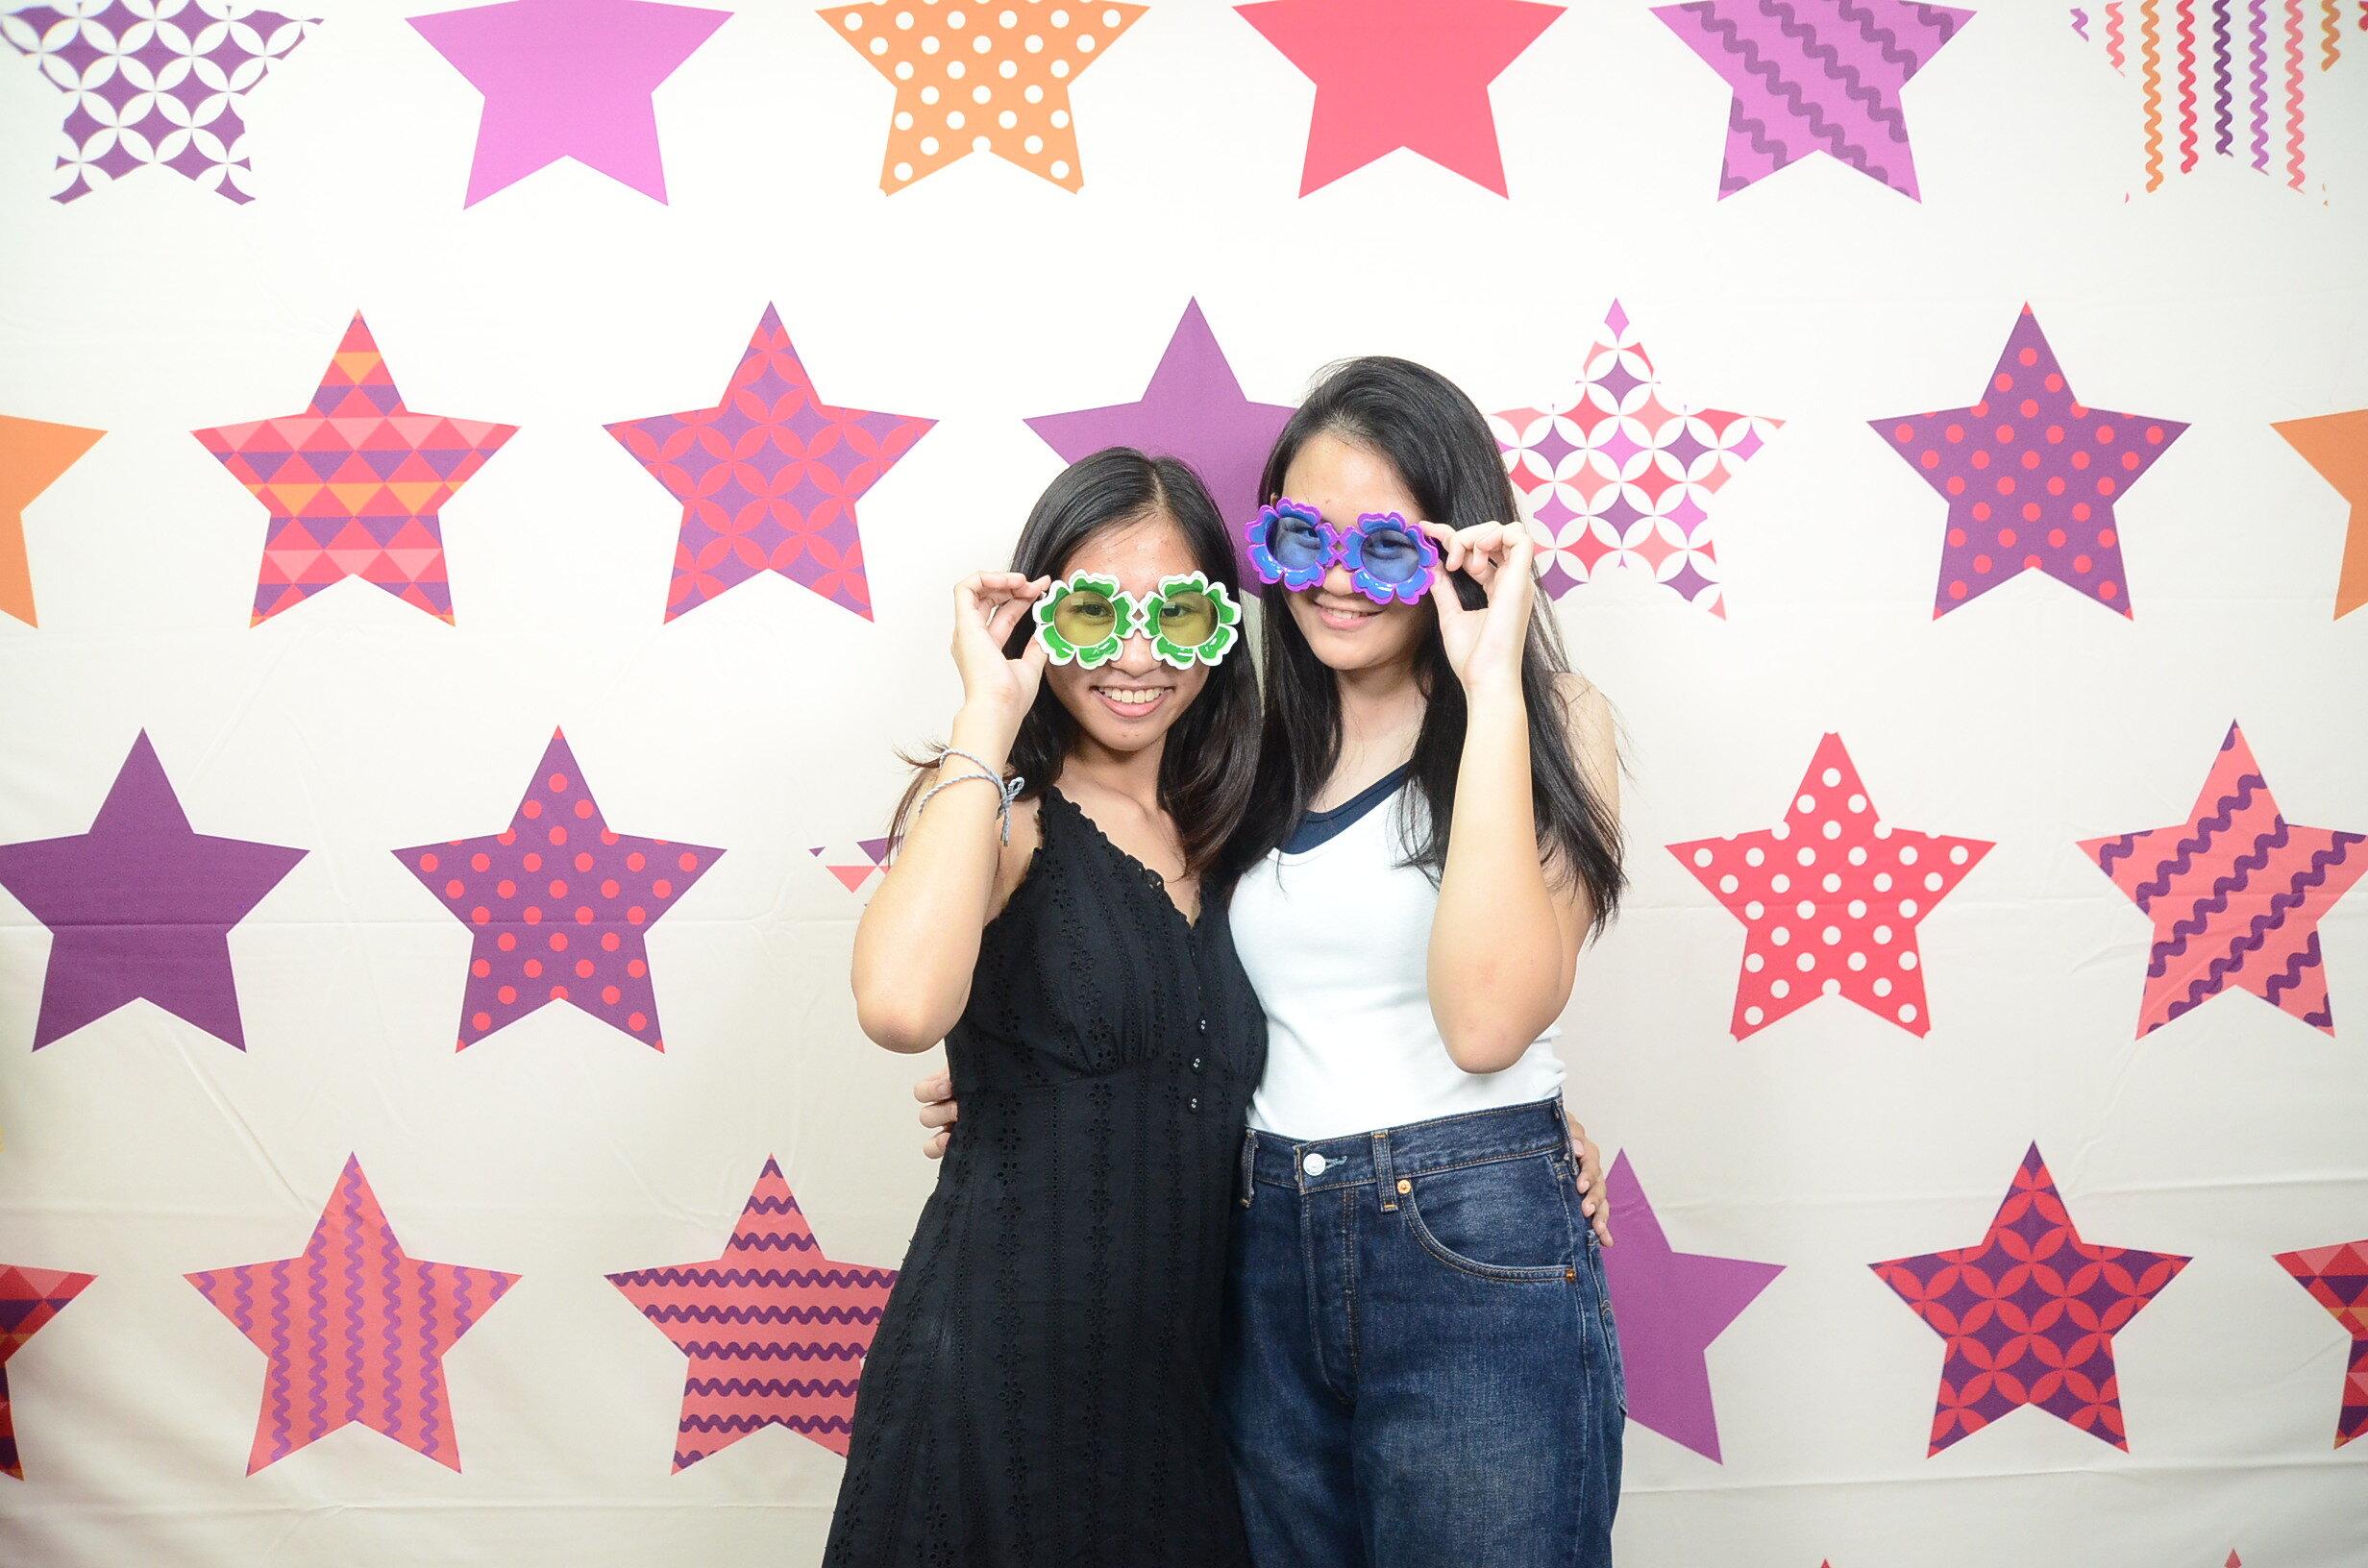 #PartyStars